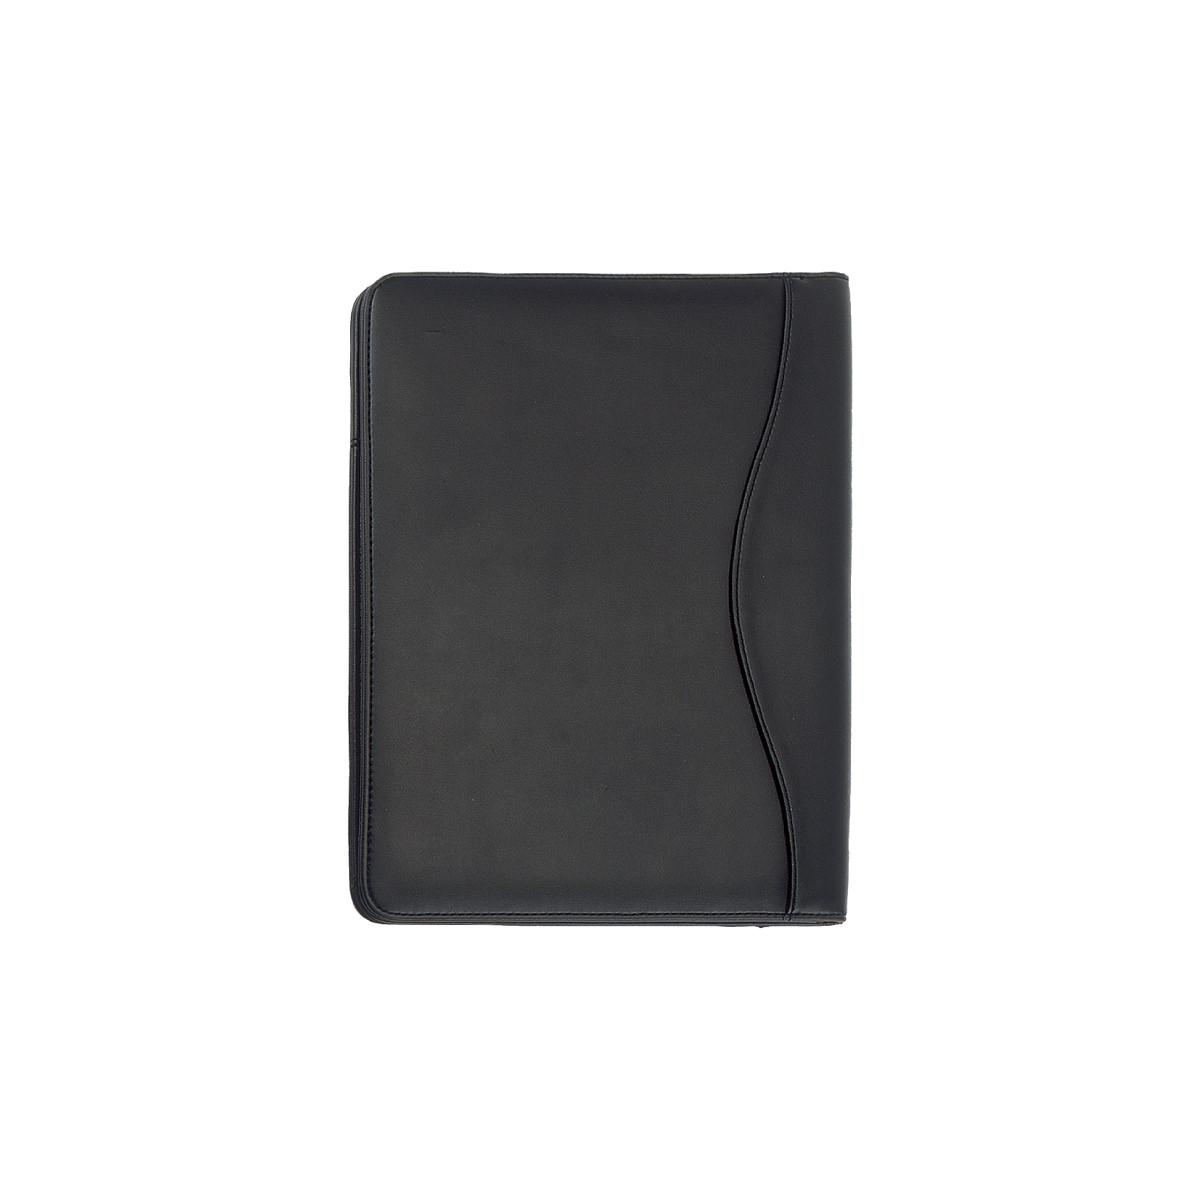 מכתביה A4 עם מחשבון ובלוק נייר - וינה